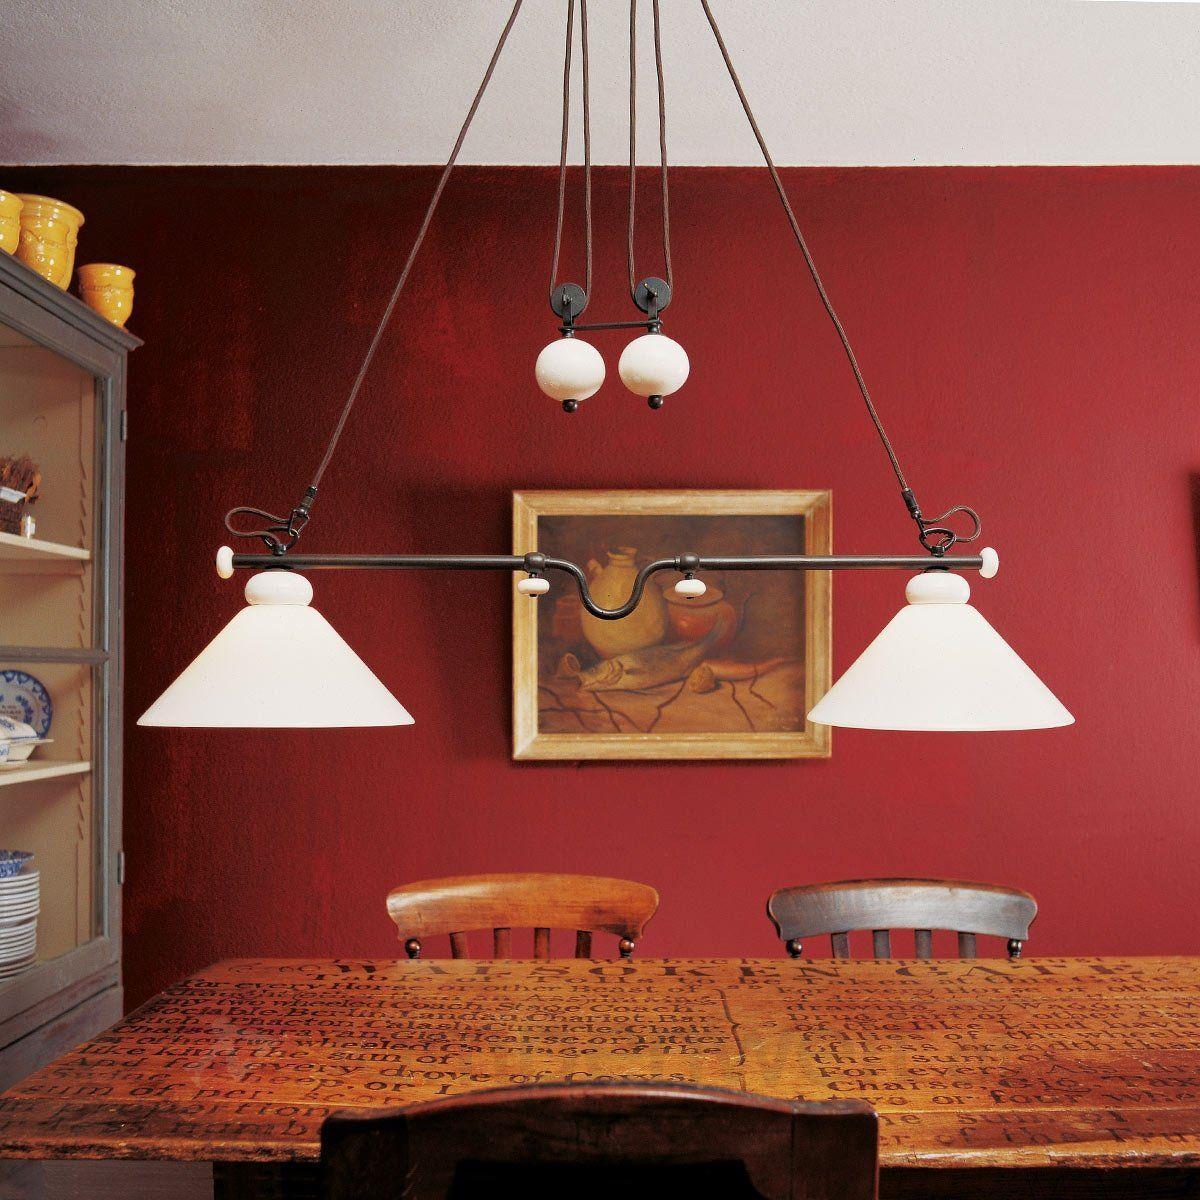 gestell aus eisen mit zierteilen aus keramik ideal f r den landhausstil landhaus lampen. Black Bedroom Furniture Sets. Home Design Ideas